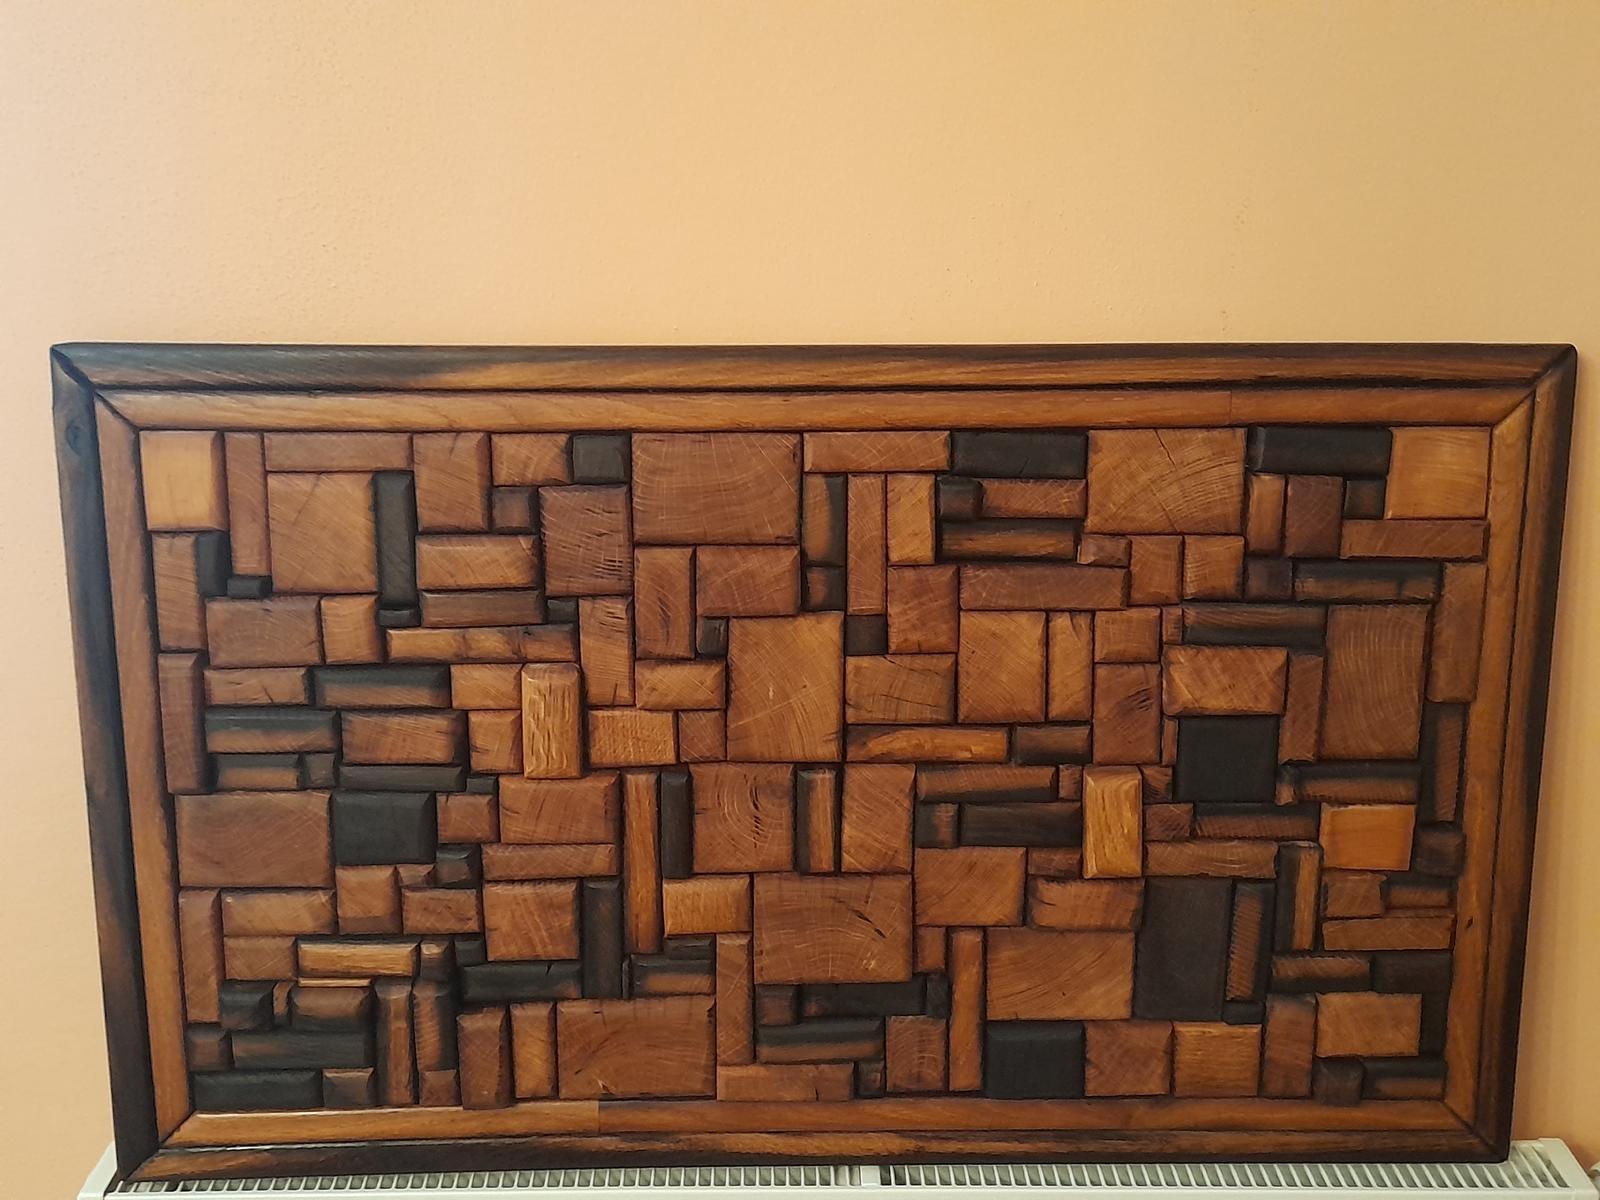 Obraz z dubového dreva - Obrázek č. 1